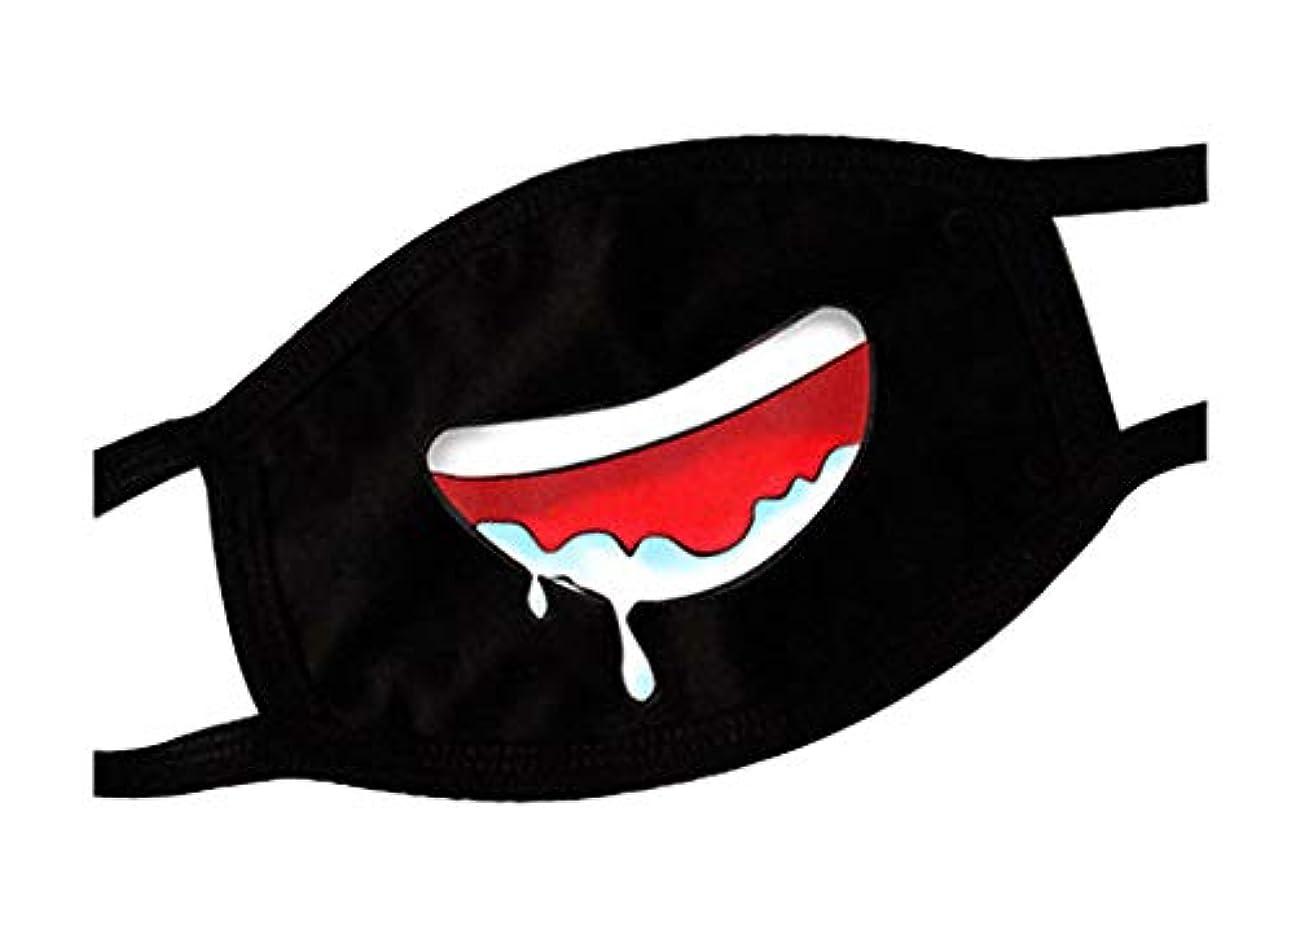 とティーム認知拒否ブラック面白い口のマスク、十代のかわいいユニセックスの顔の口のマスク、F2